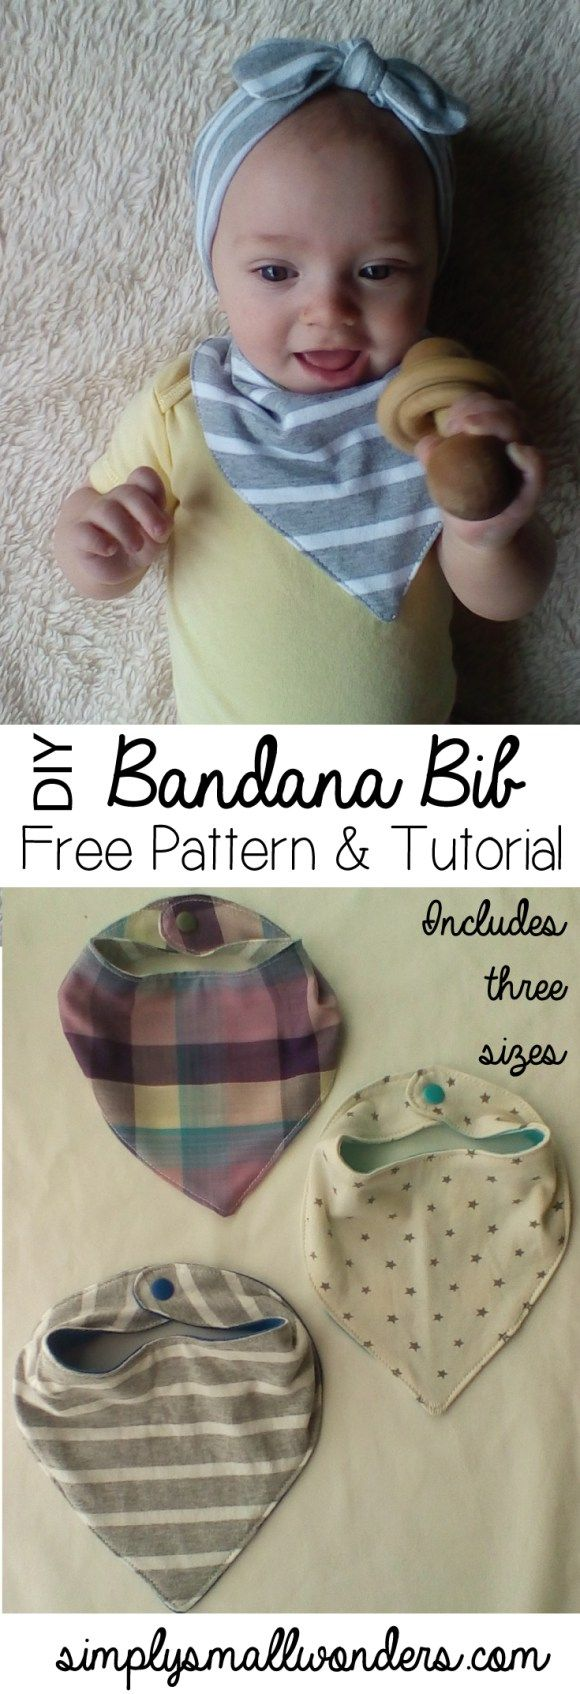 Bandana-Bib-Front